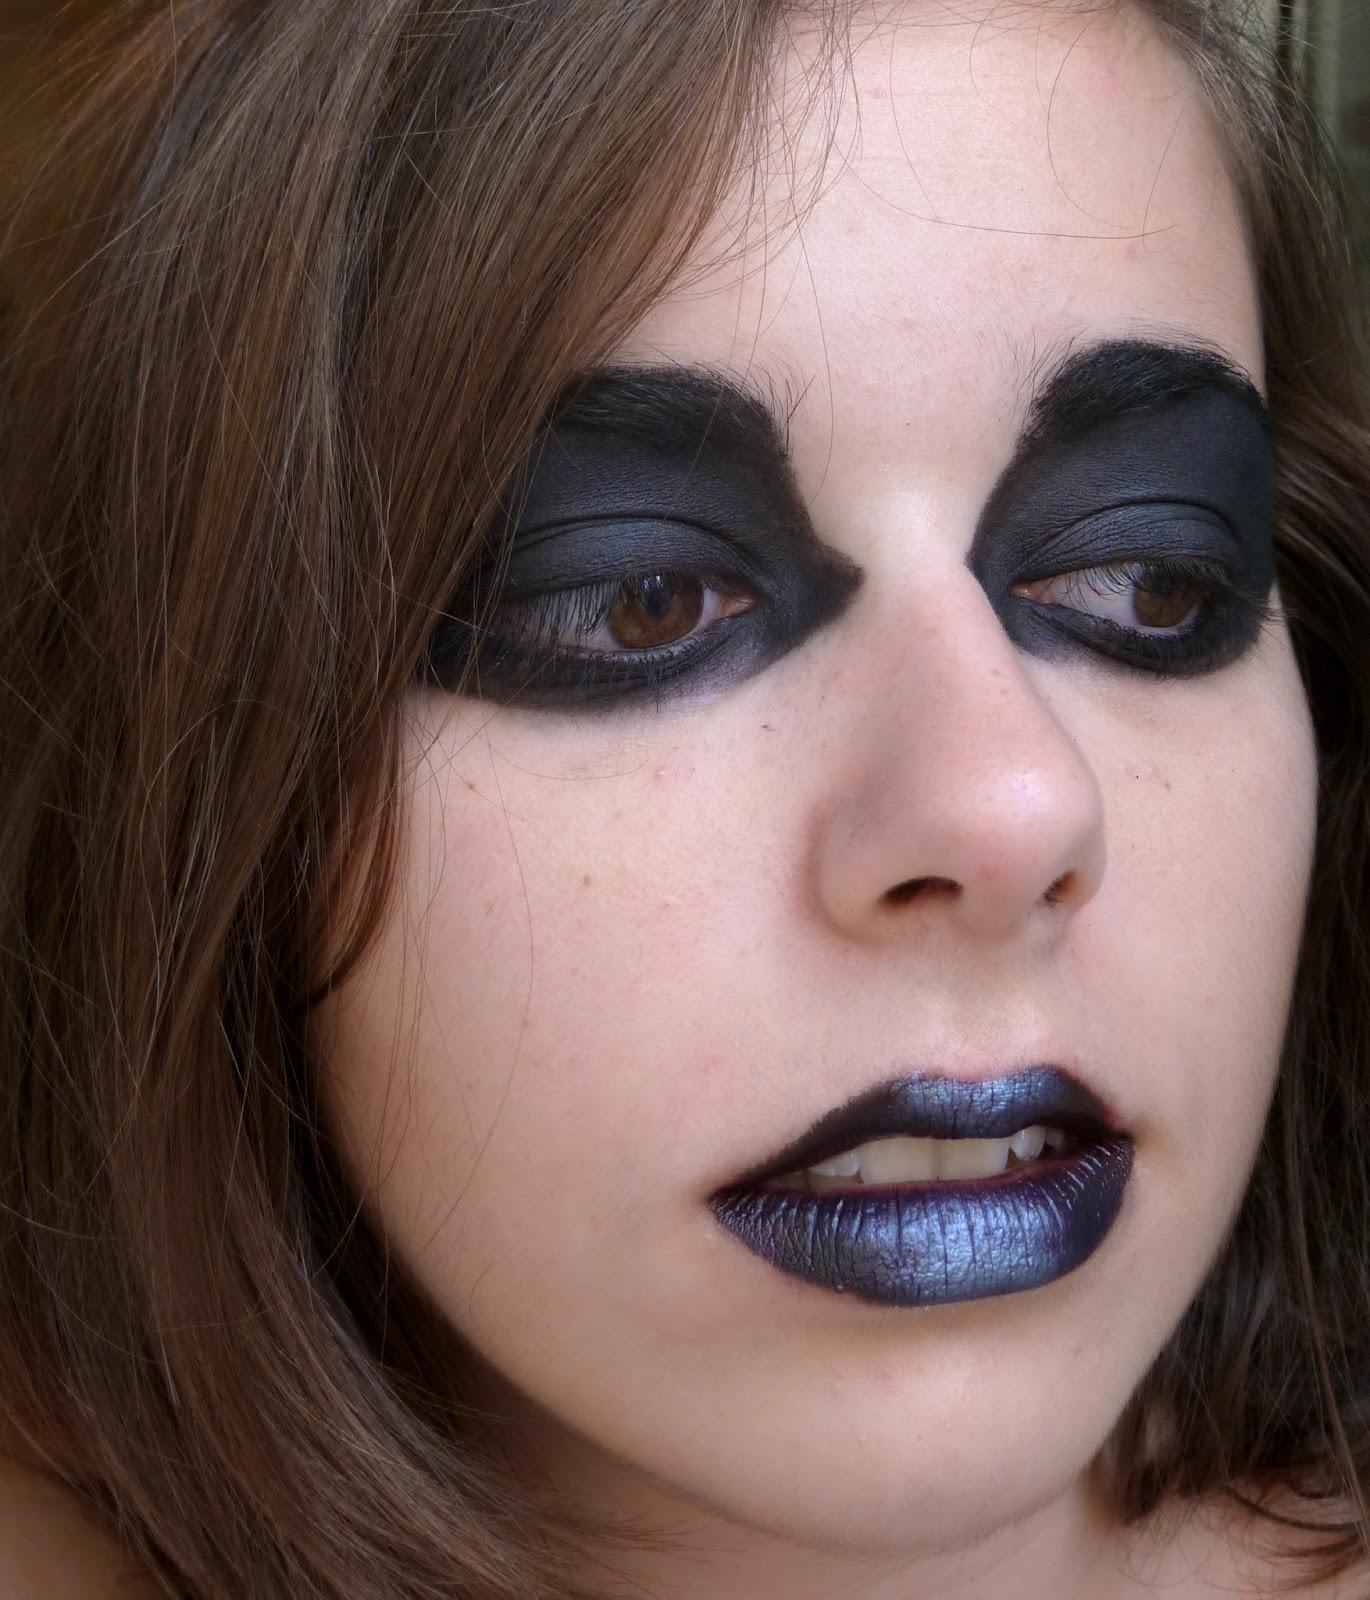 maquillage cernes homme